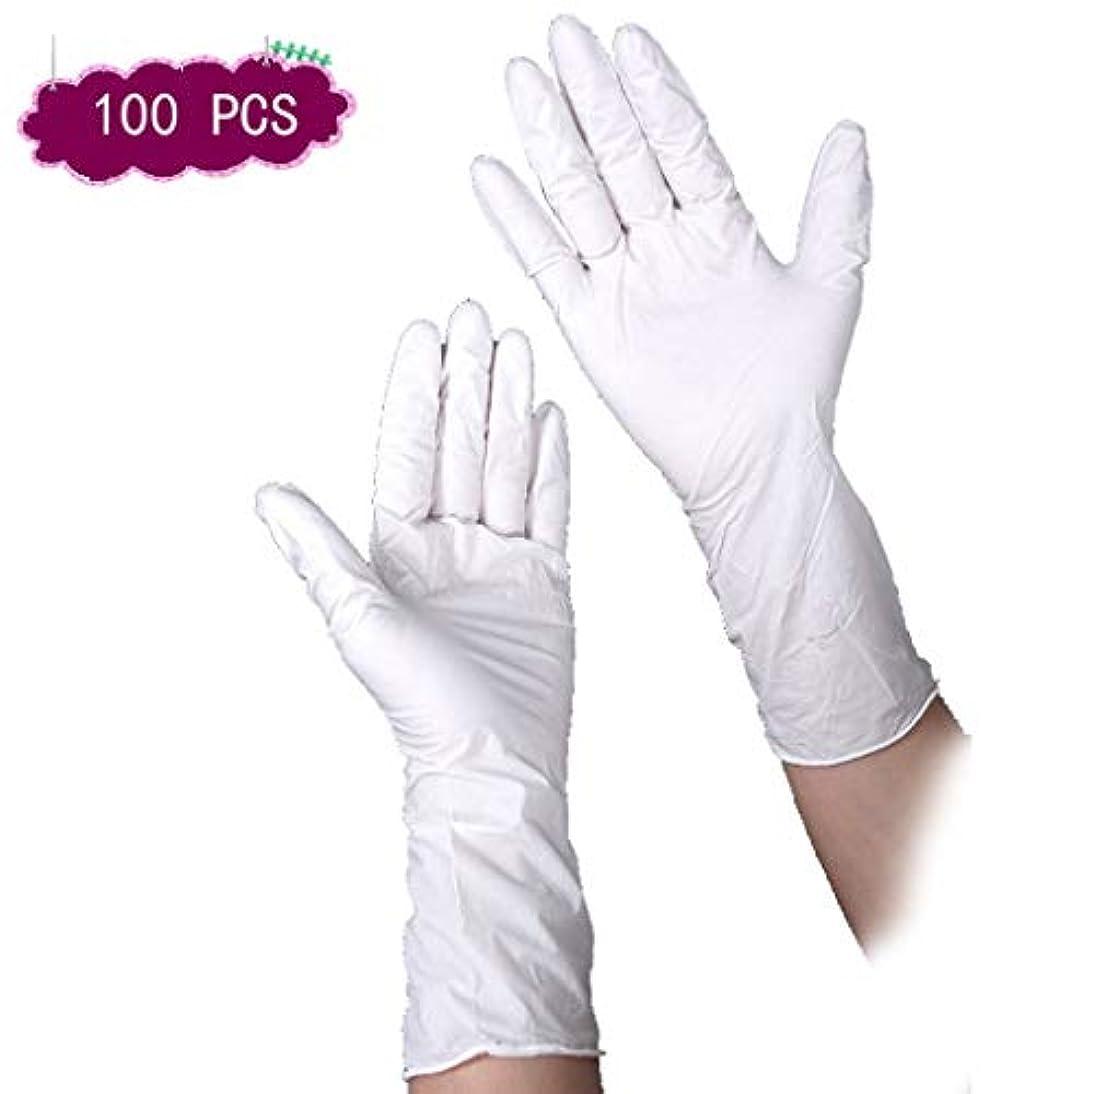 私たち自身眼進行中使い捨てラテックス手袋ニトリルクリーンルームノンスリップ耐摩耗性に浸漬ゴム手袋アンチオイルタトゥー (Color : 9 inch, Size : M)